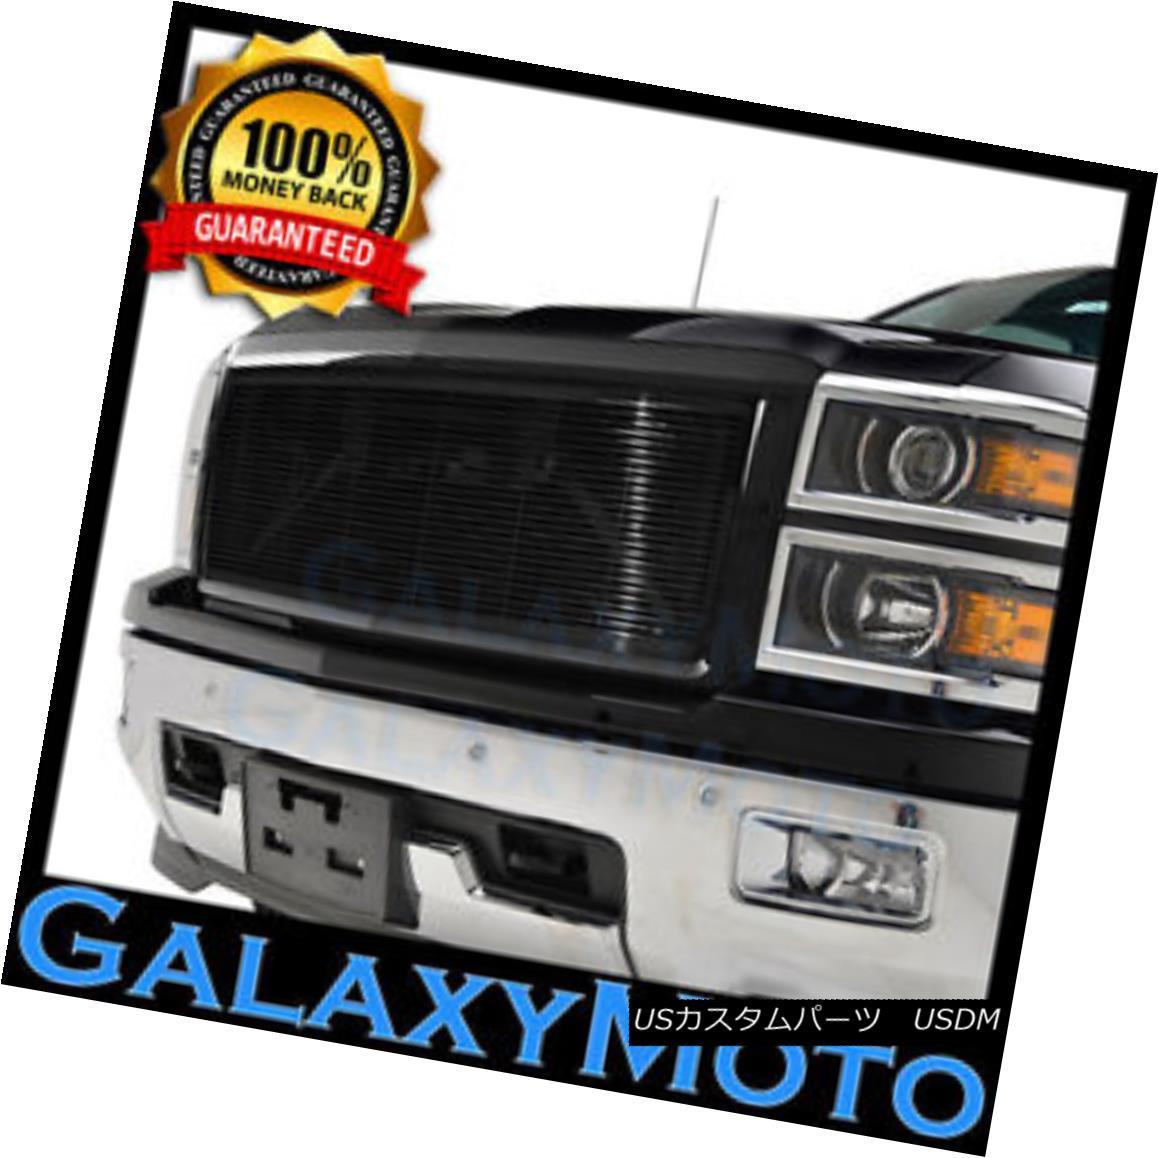 グリル 14-15 Chevy Silverado 1500 Black Full Factory Replacement Billet Grille Shell 14-15 Chevy Silverado 1500ブラックフル工場代替ビレットグリルシェル